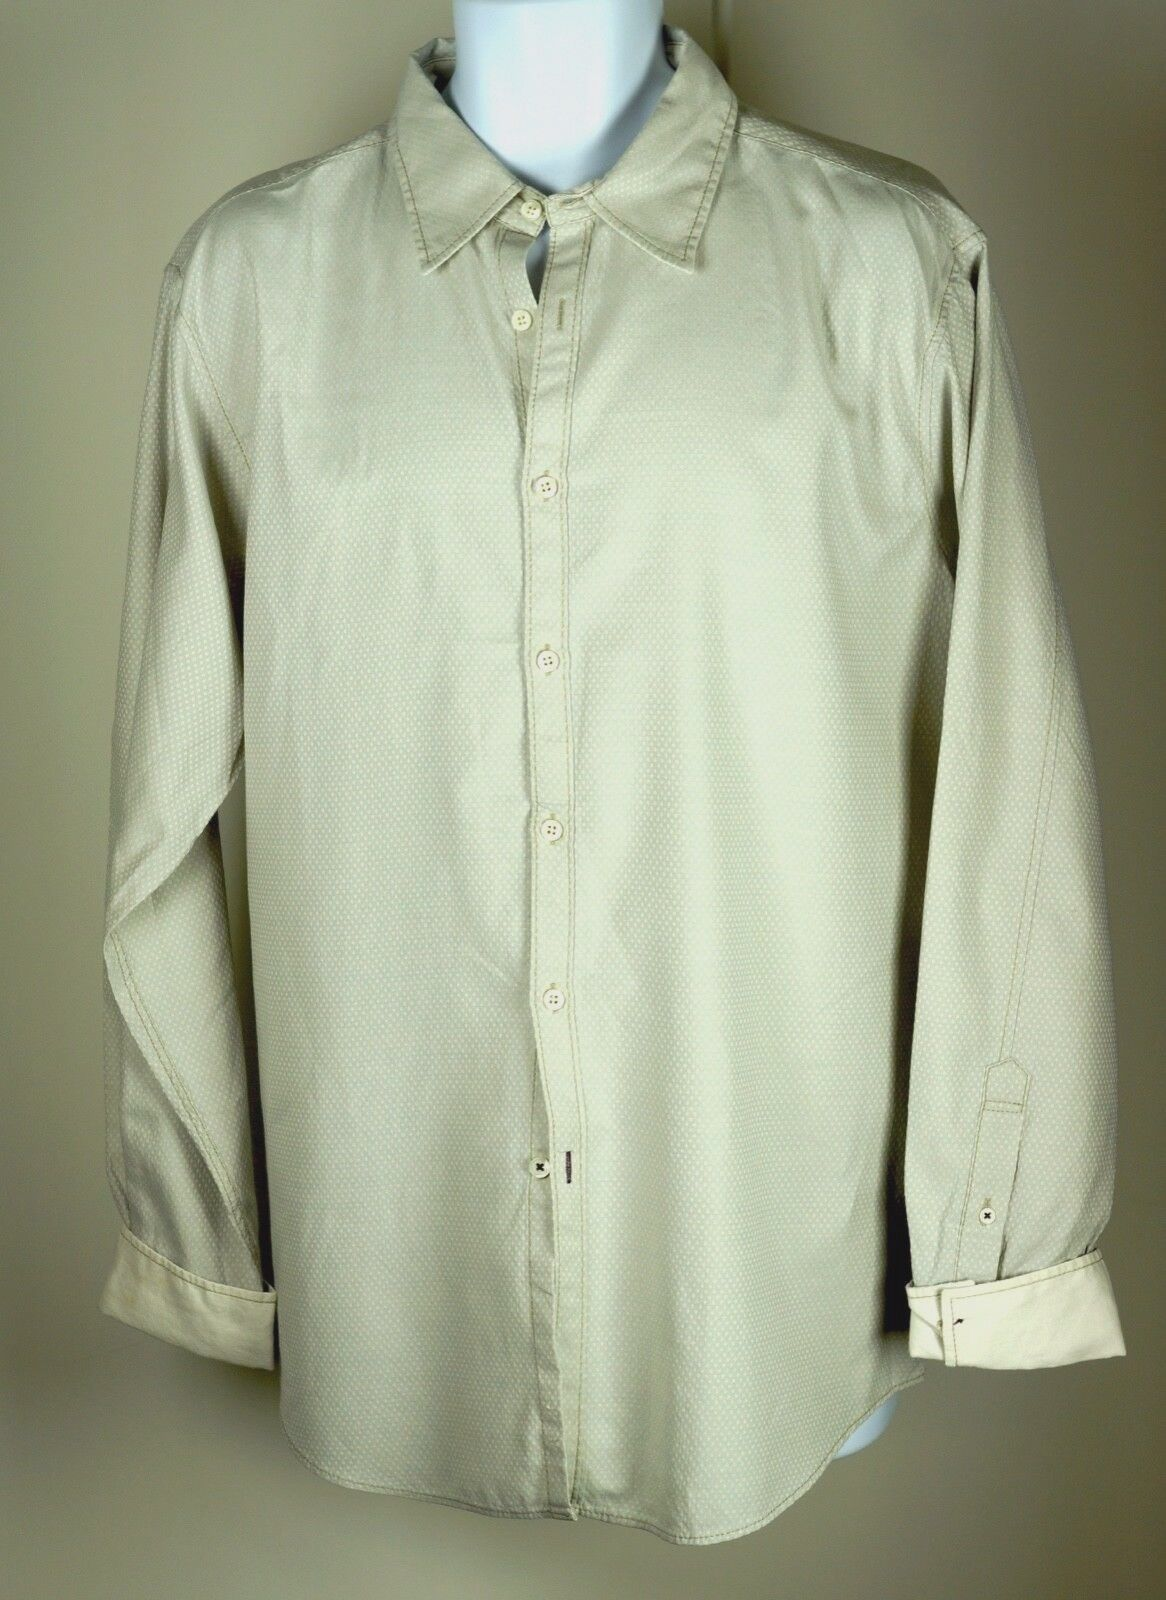 Men's Shirt-by-Shirt SBS Authentic Polka Dot Beige Light bluee Shirt XL NWOT